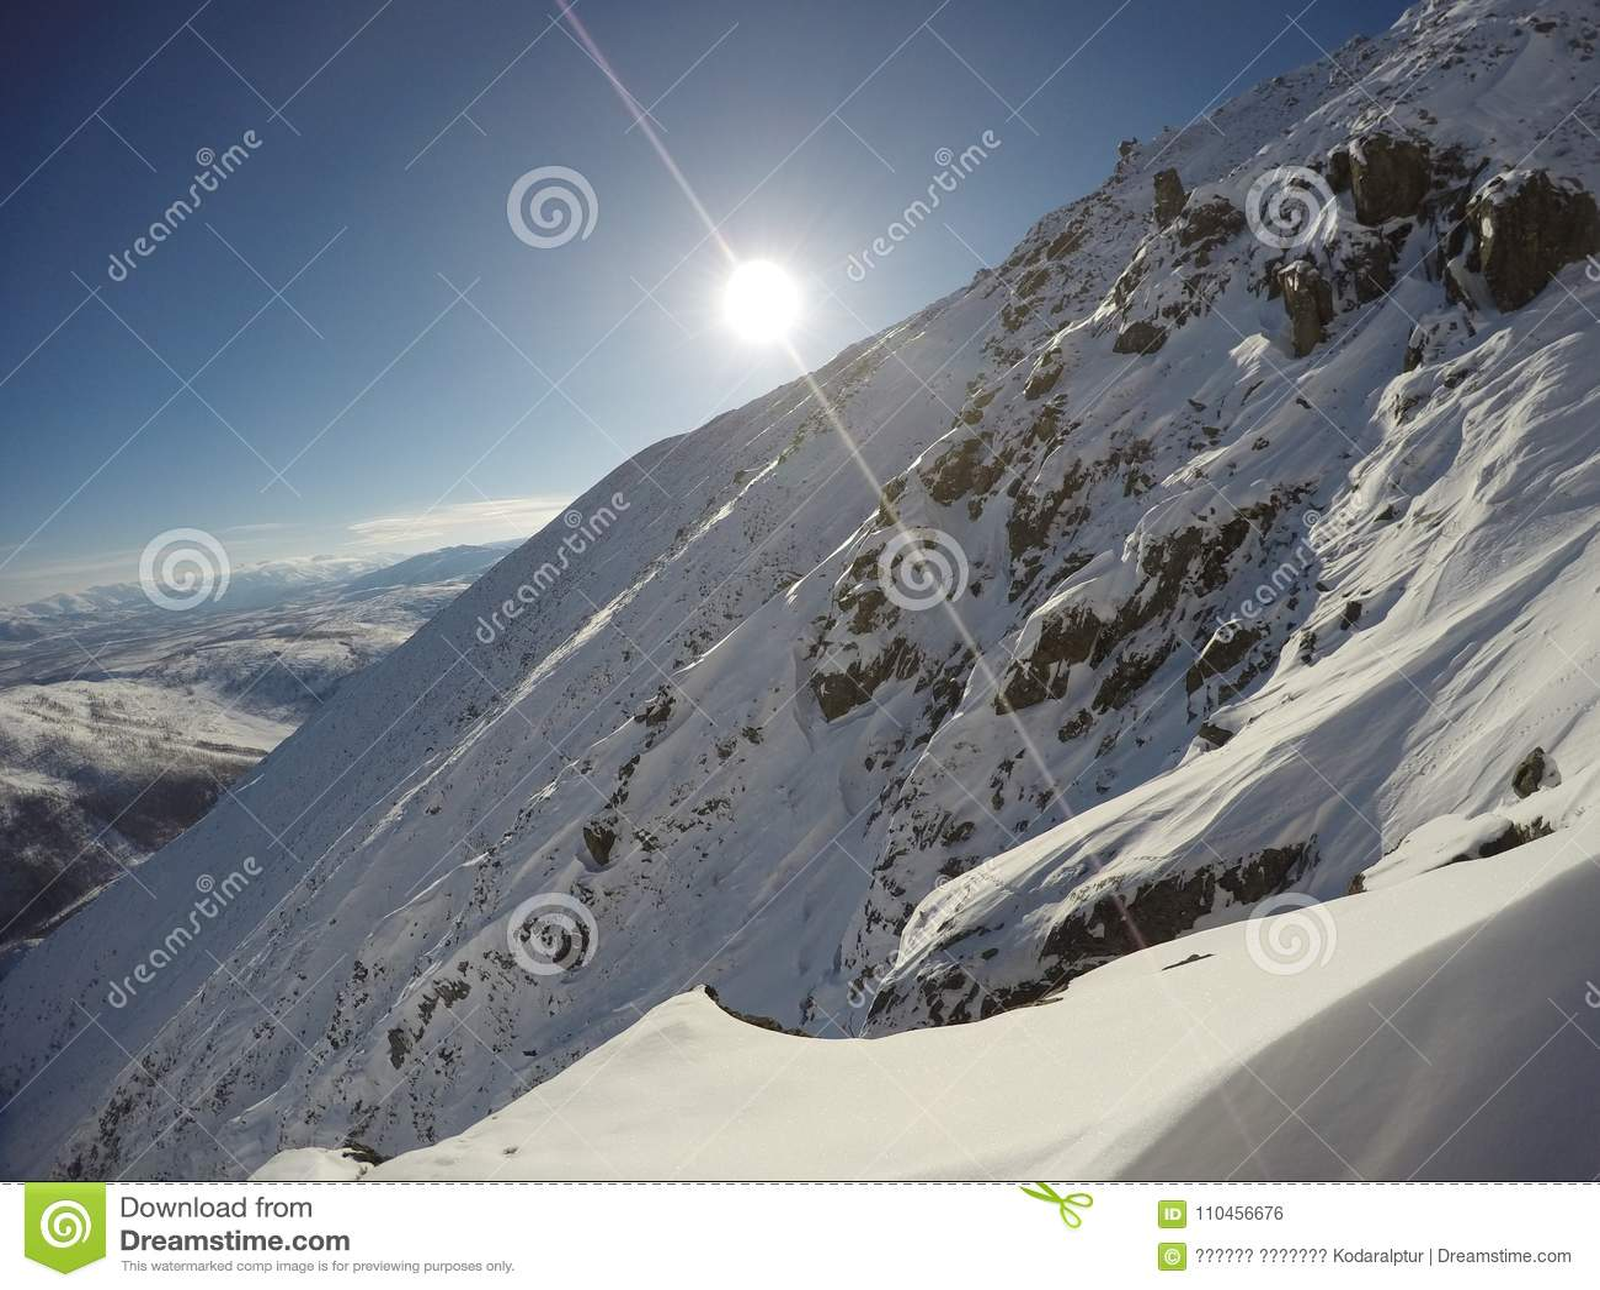 För liggande för lutningssnow utomhus vinter för sport